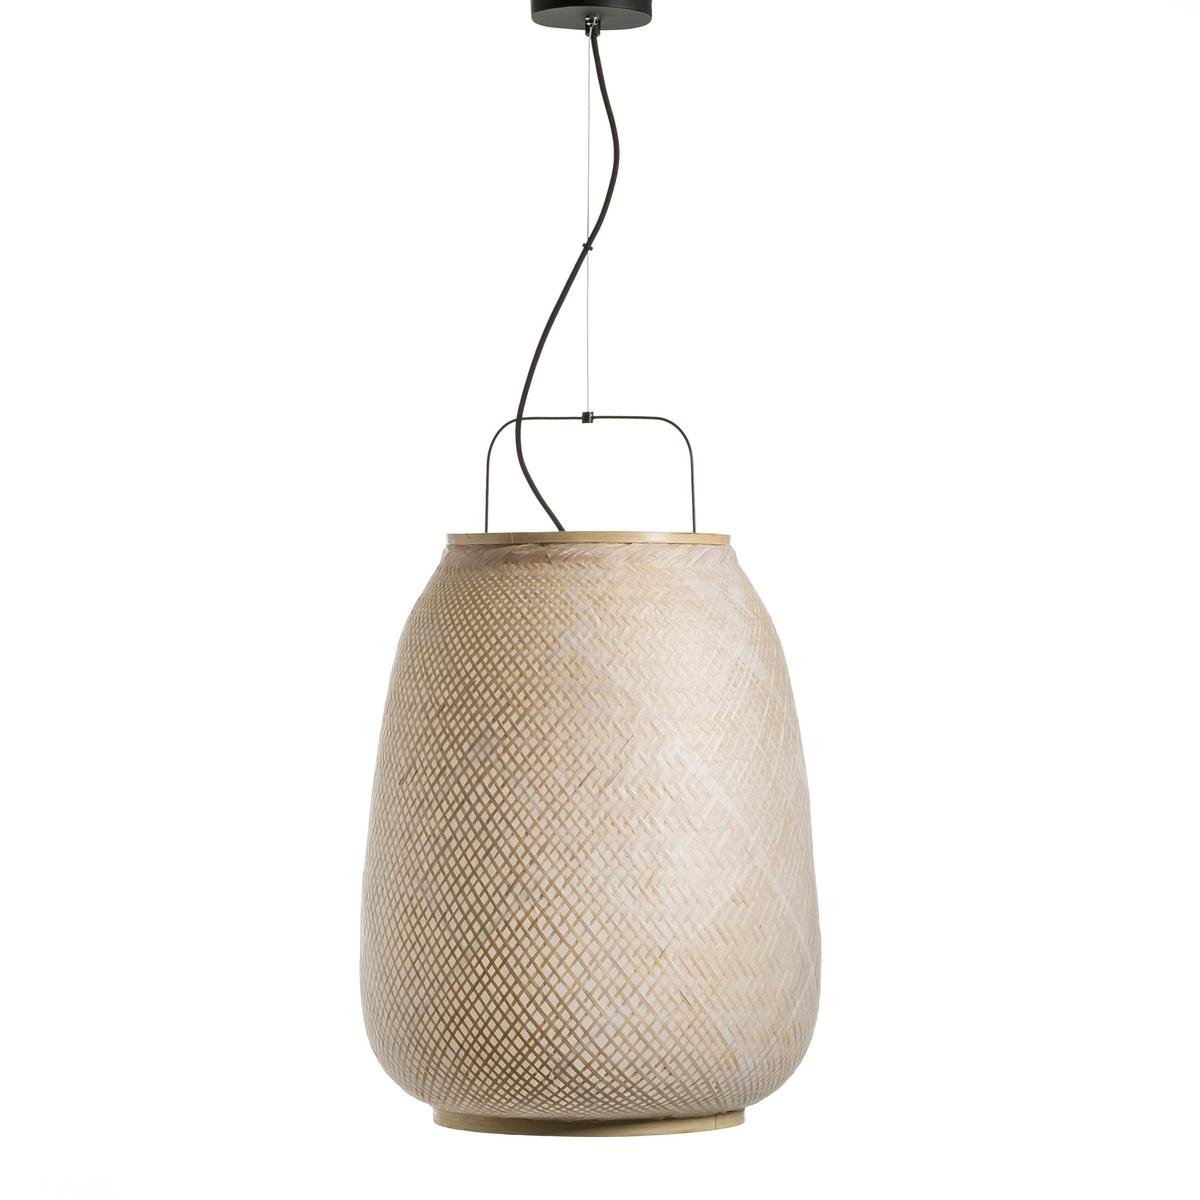 Светильник Titouan дизайн Э. Галлины, Ø47 см